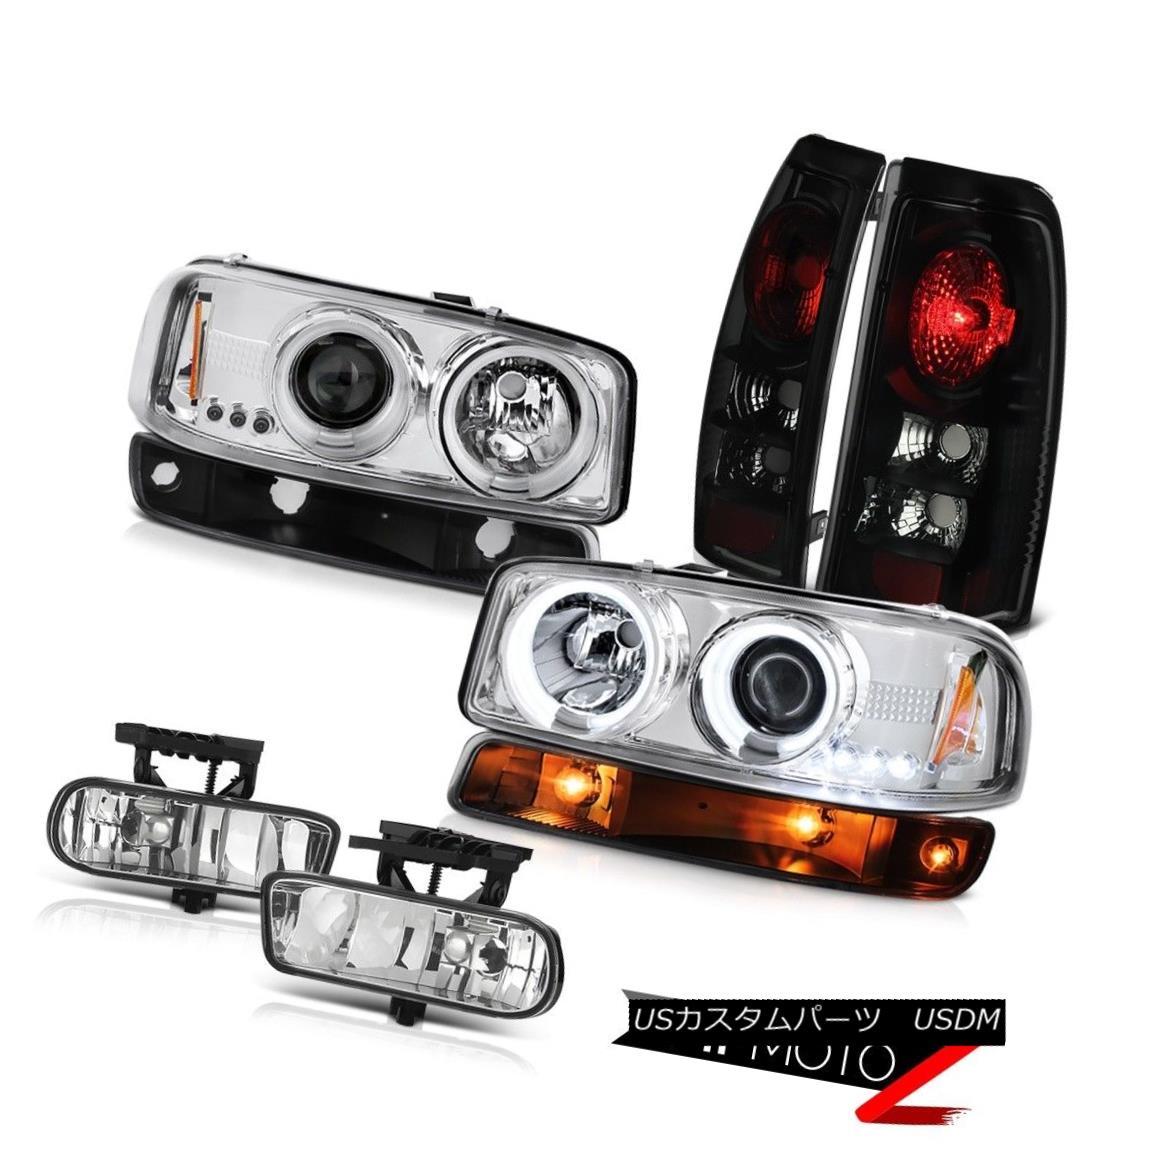 テールライト 1999-2002 Sierra SL Fog lights rear brake lamps signal light ccfl headlamps LED 1999-2002シエラSLフォグライトリアブレーキランプシグナルライトccflヘッドライトLED